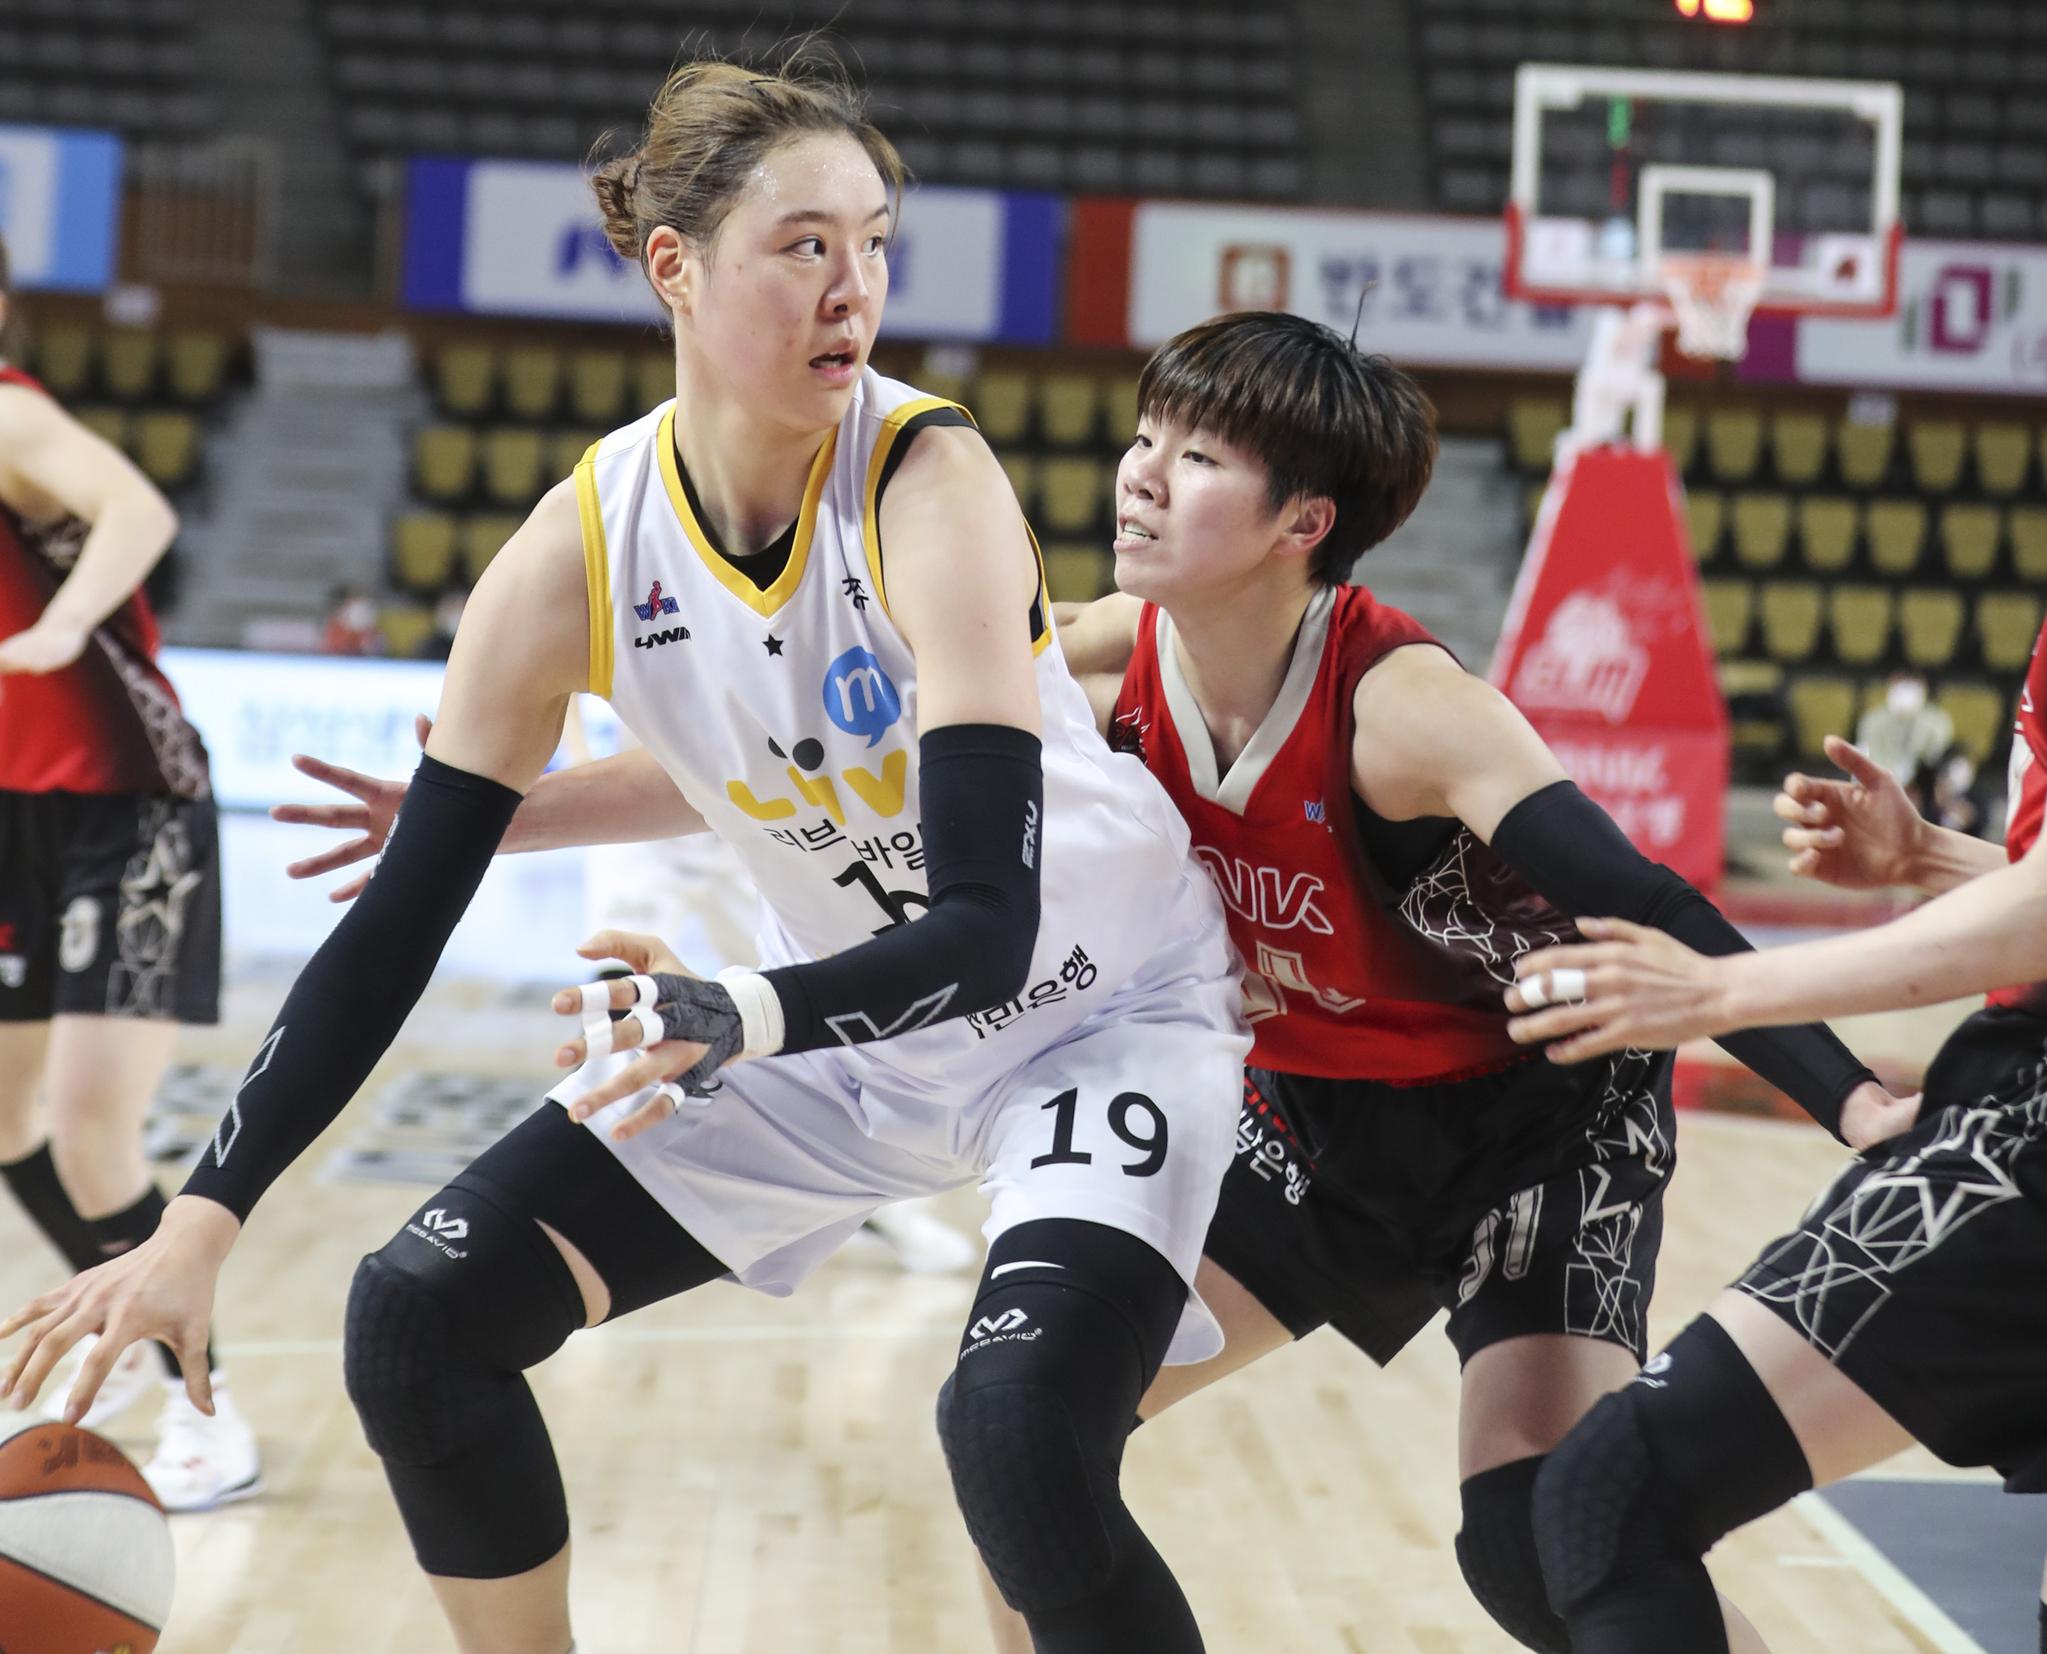 여자프로농구 KB 박지수가 15일 부산 BNK 센터에서 열린 BNK와 경기에서 드리블하고 있다. [연합뉴스]